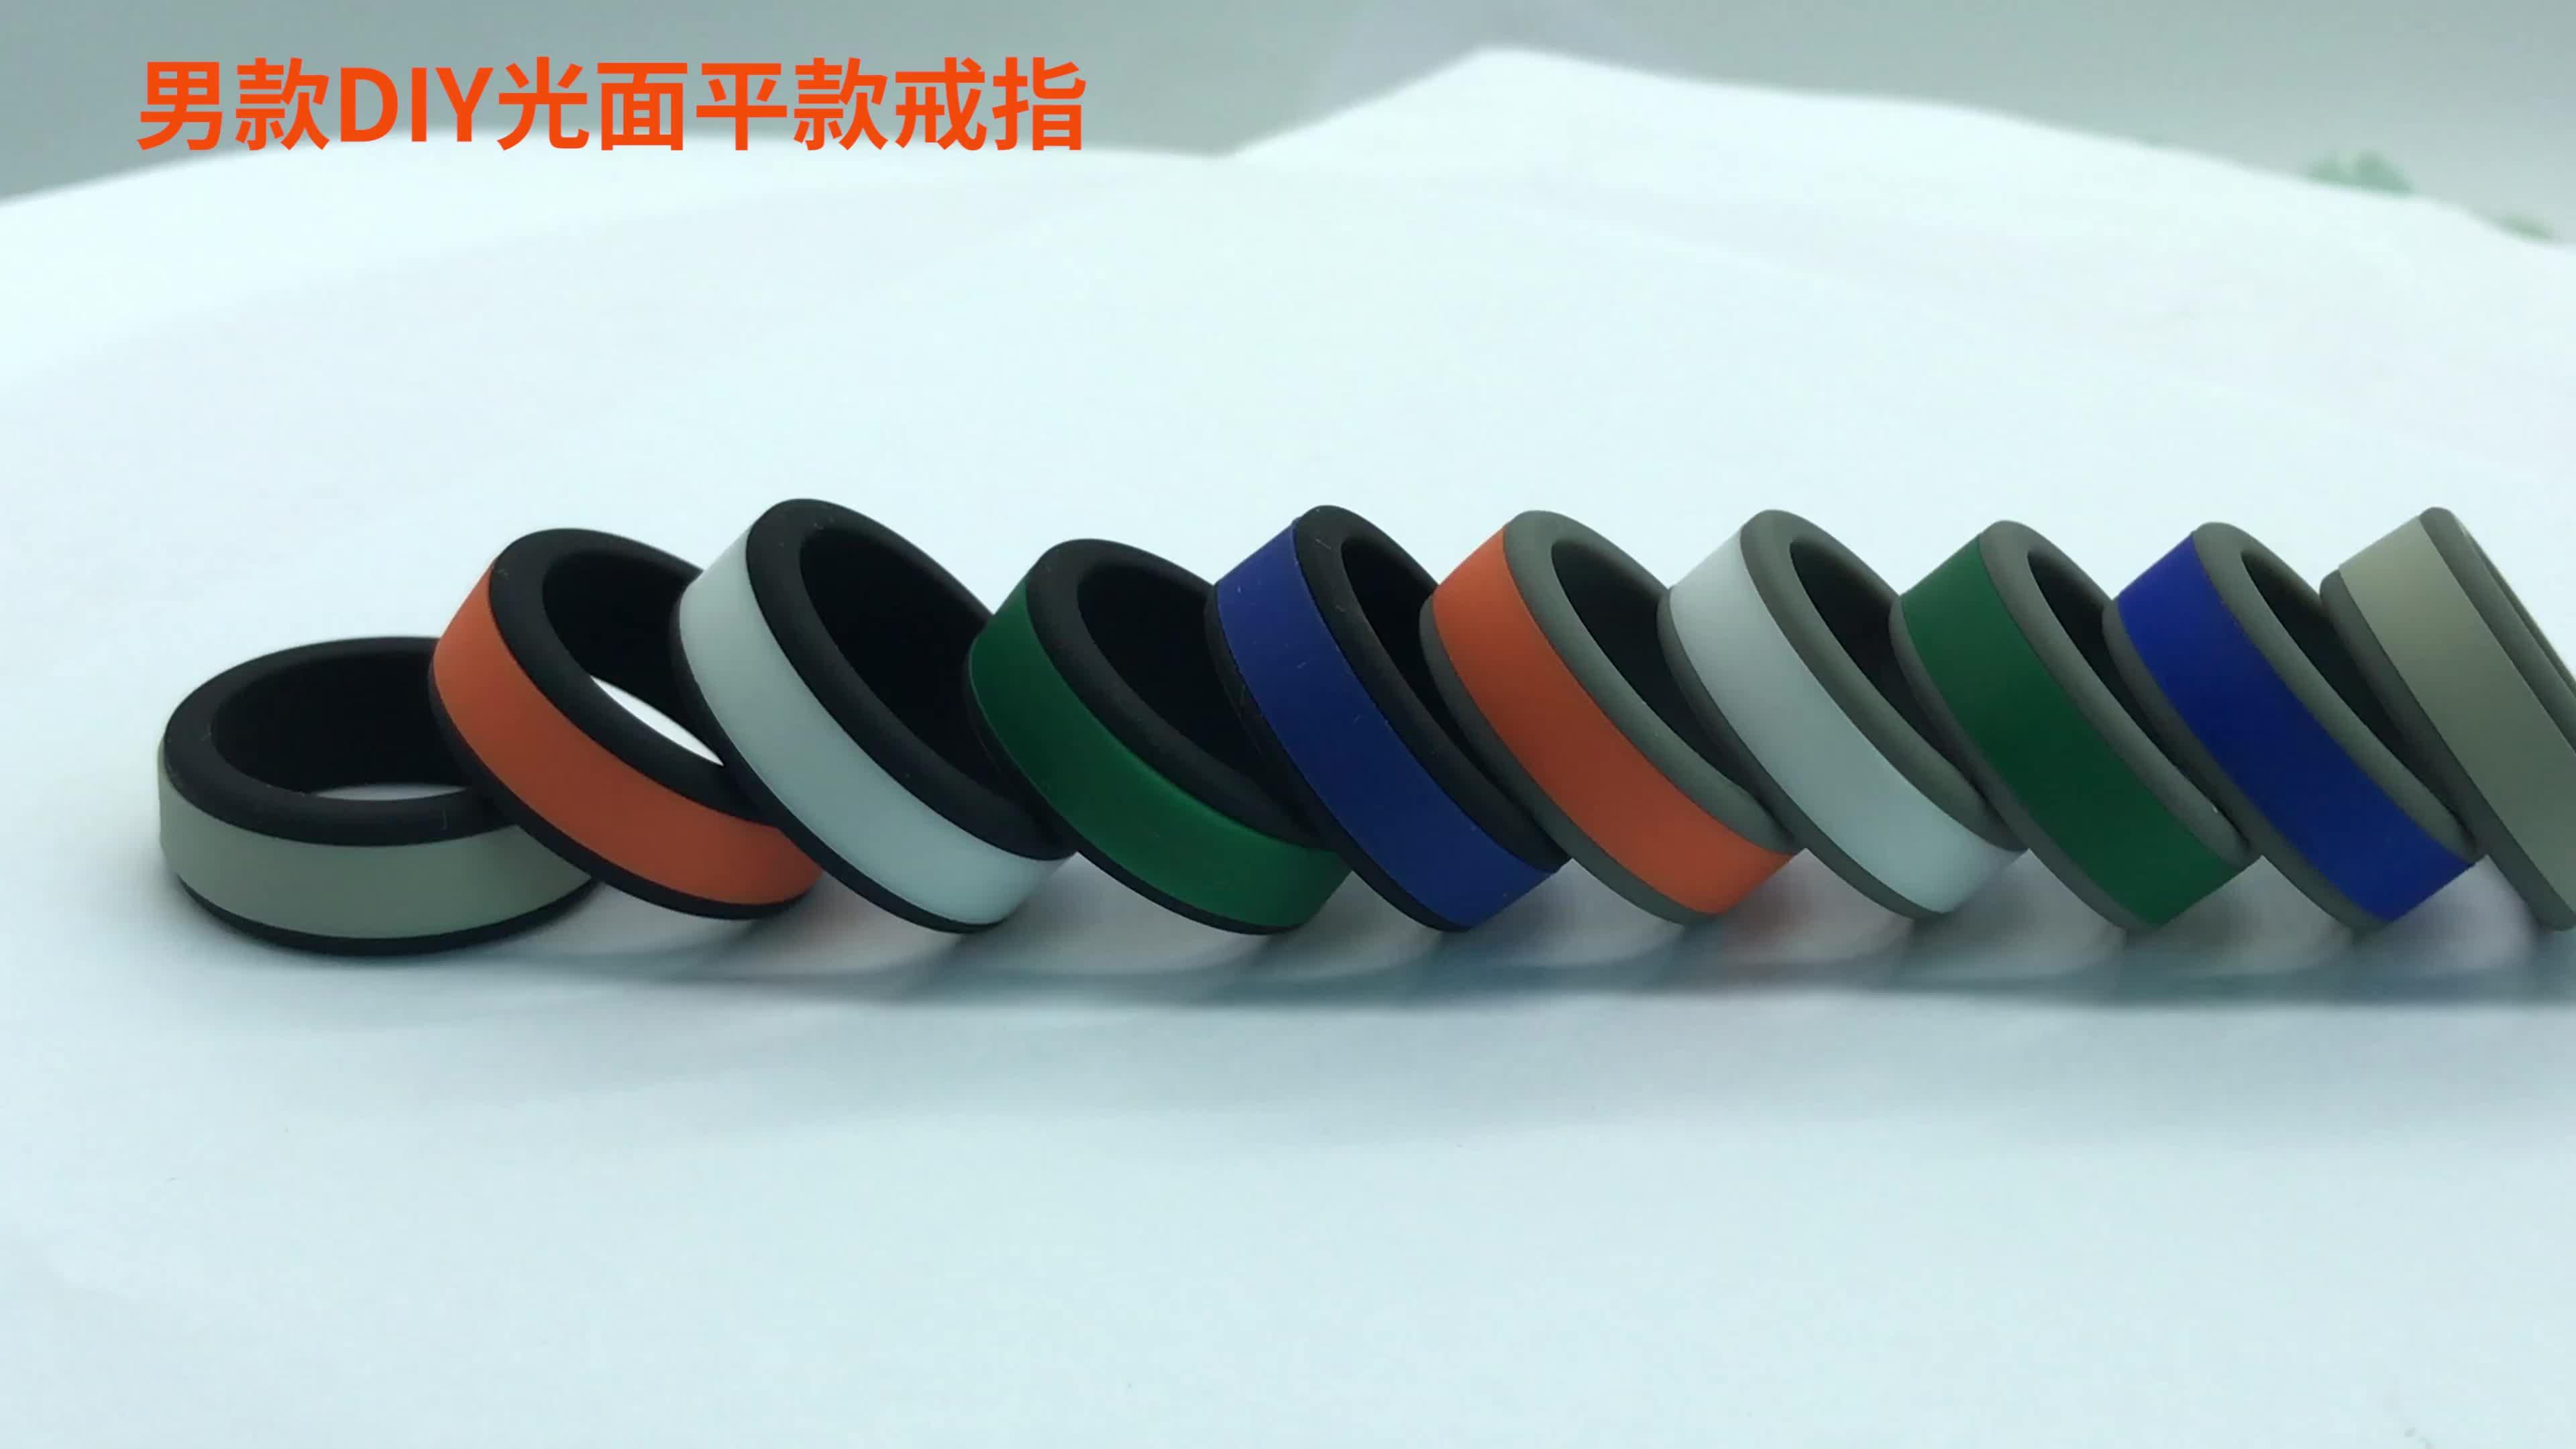 Regalo di promozione Ultimo Stile di due toni di Anelli di gomma di silicone